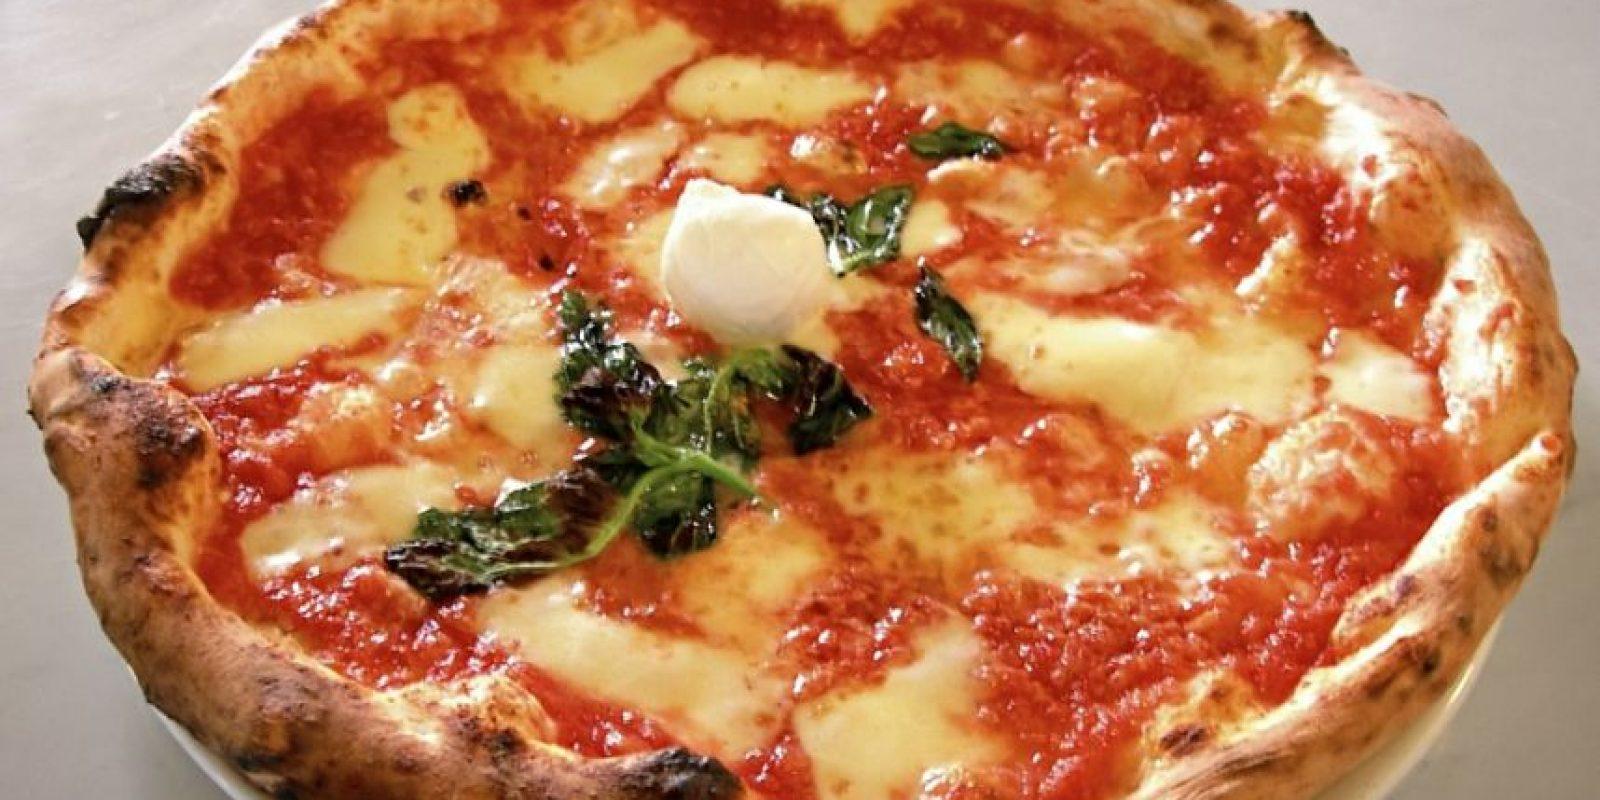 Las personas que usan los cubiertos para comer su pizza son estables, tranquilos y metódicos Foto:Wikimedia